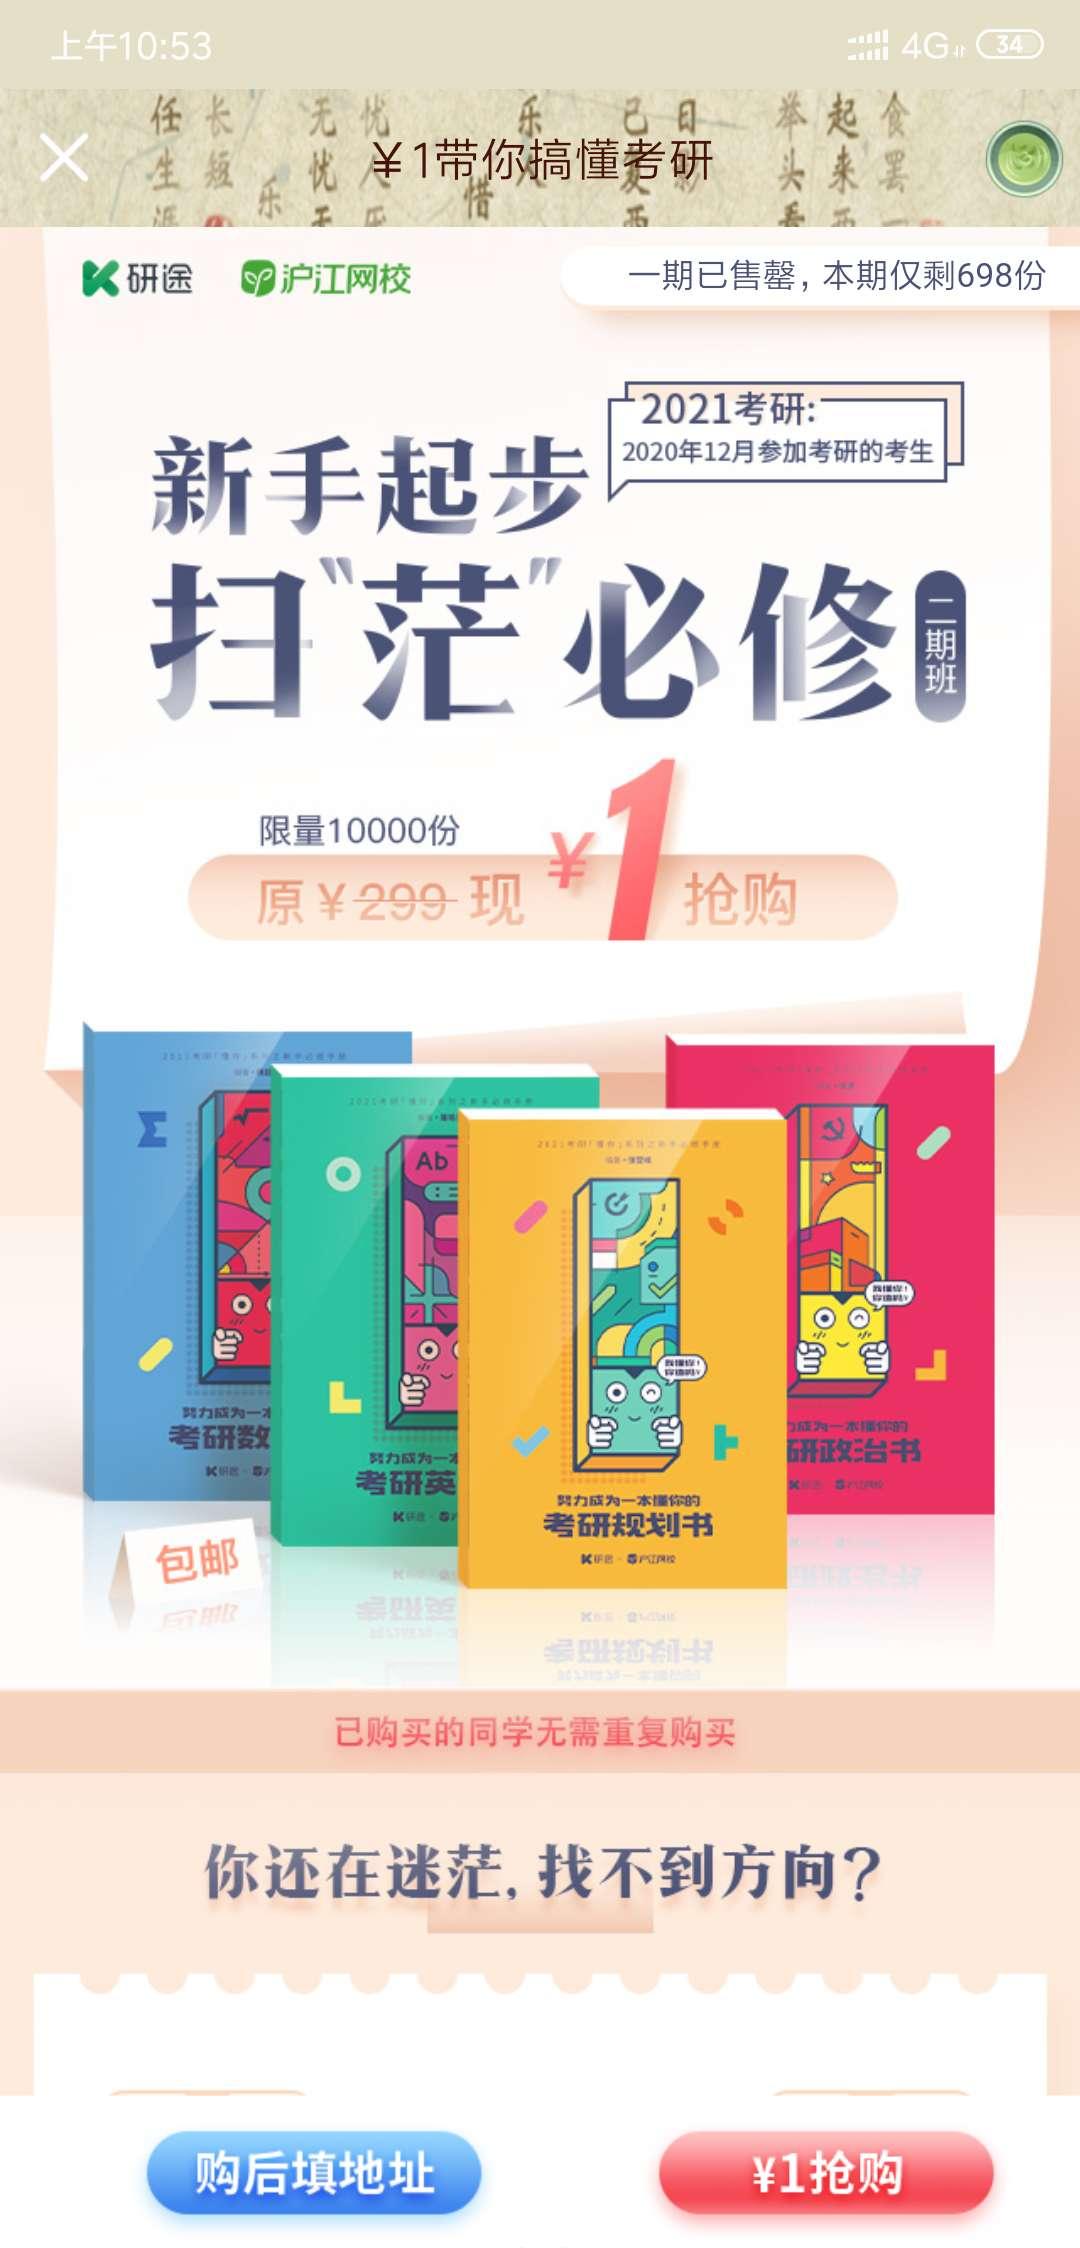 【折扣优惠】撸考研资料(目测能火)-100tui.cn